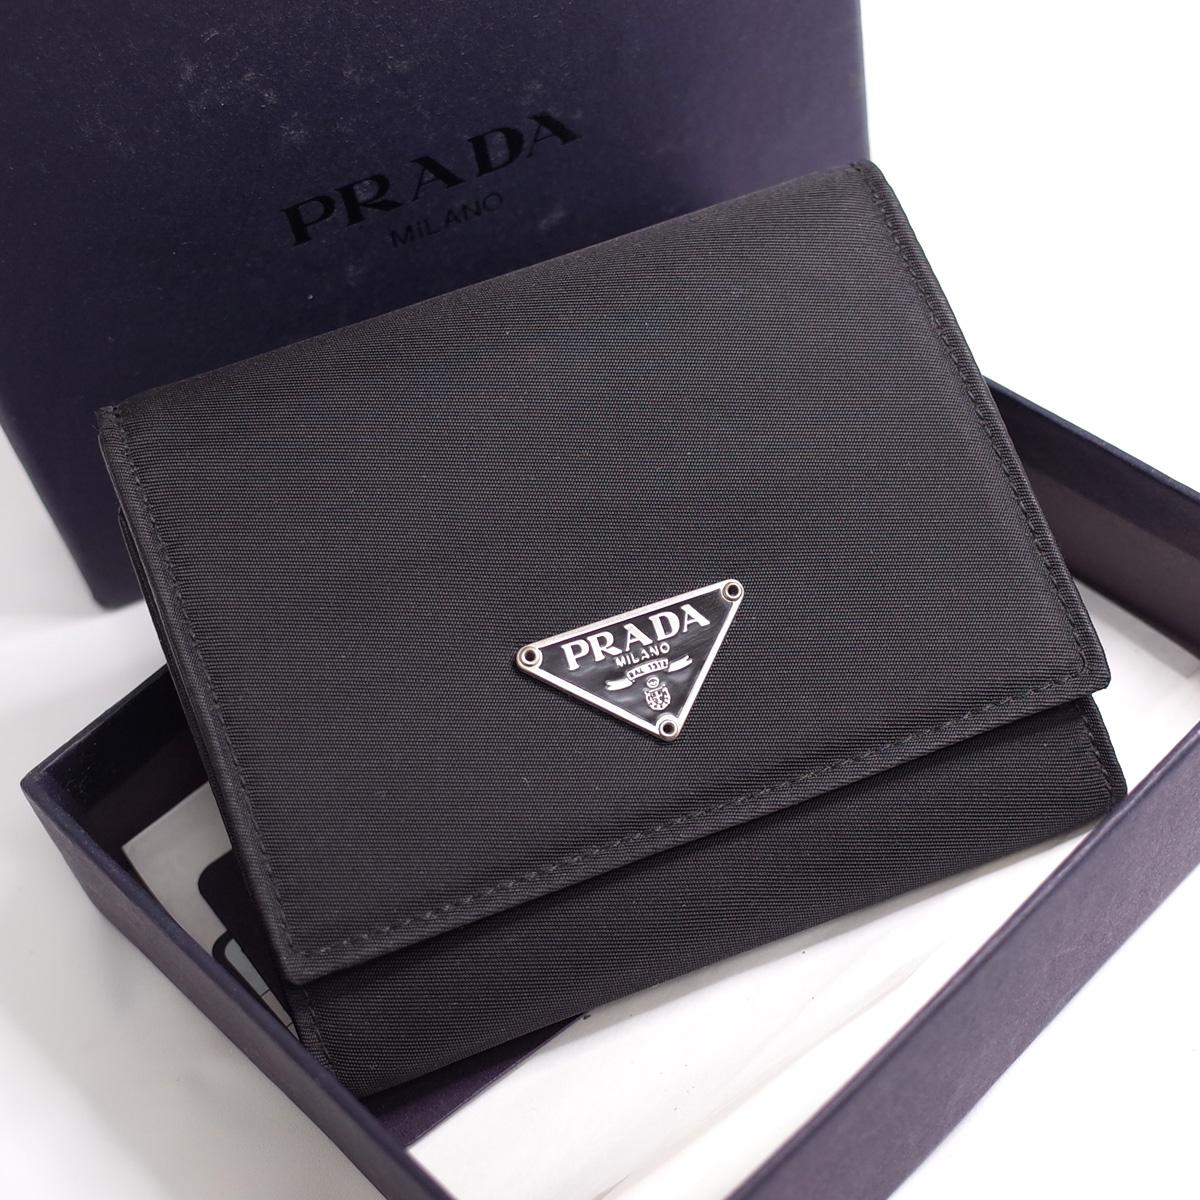 売店 プラダ 三つ折り財布 コンパクト 三角ロゴ ナイロン ブラック シンプル 箱 中古 PRADA 新着セール レディース メンズ